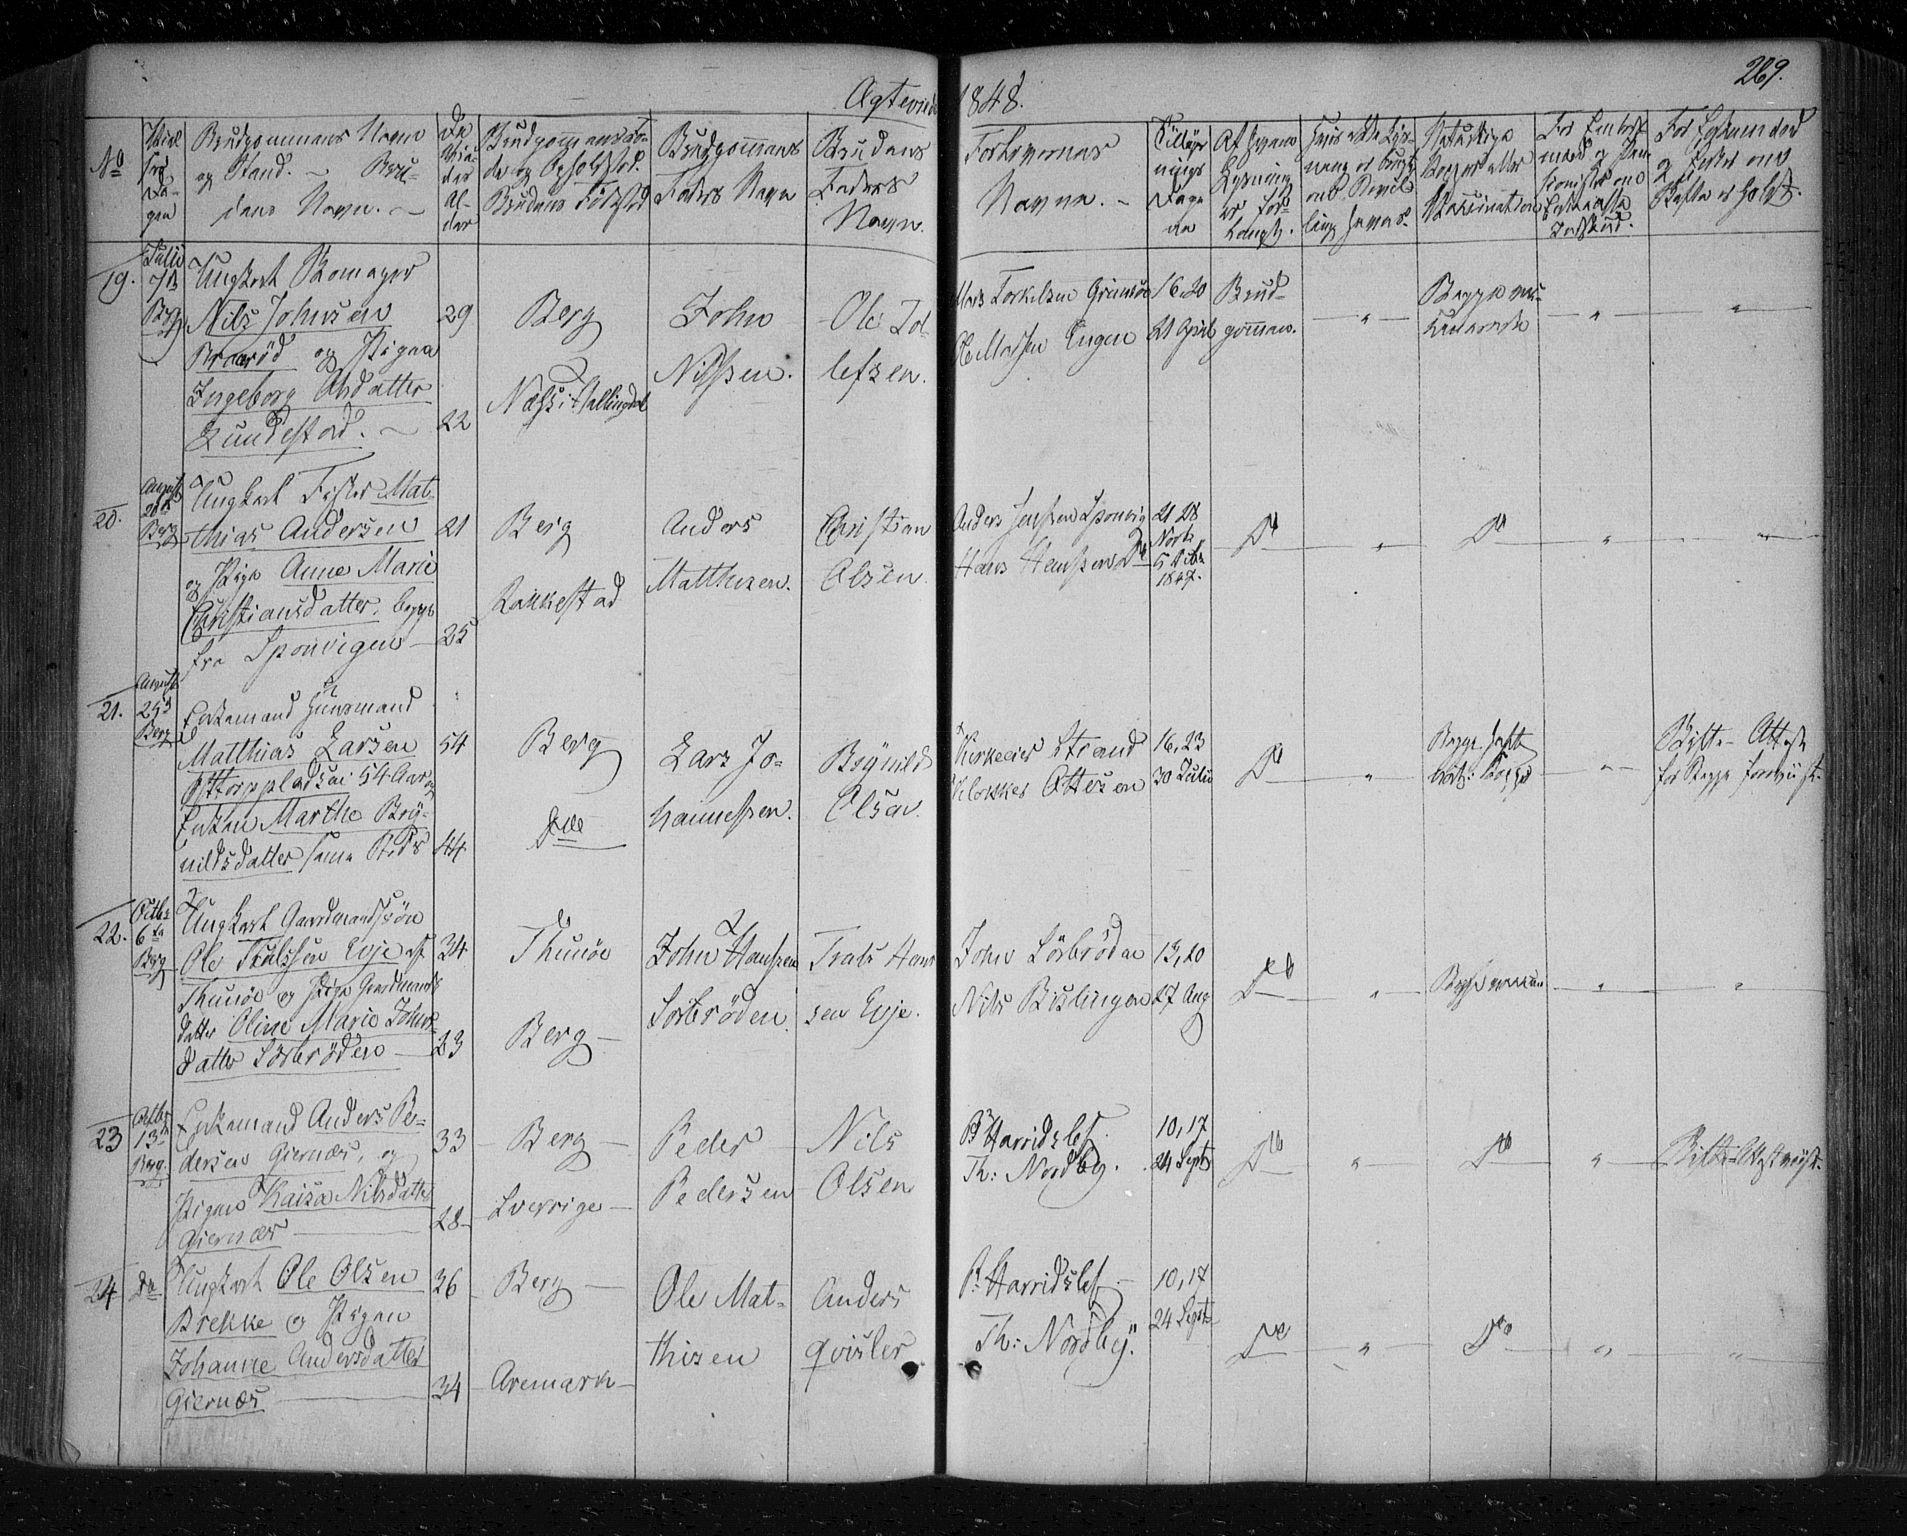 SAO, Berg prestekontor Kirkebøker, F/Fa/L0004: Ministerialbok nr. I 4, 1843-1860, s. 269